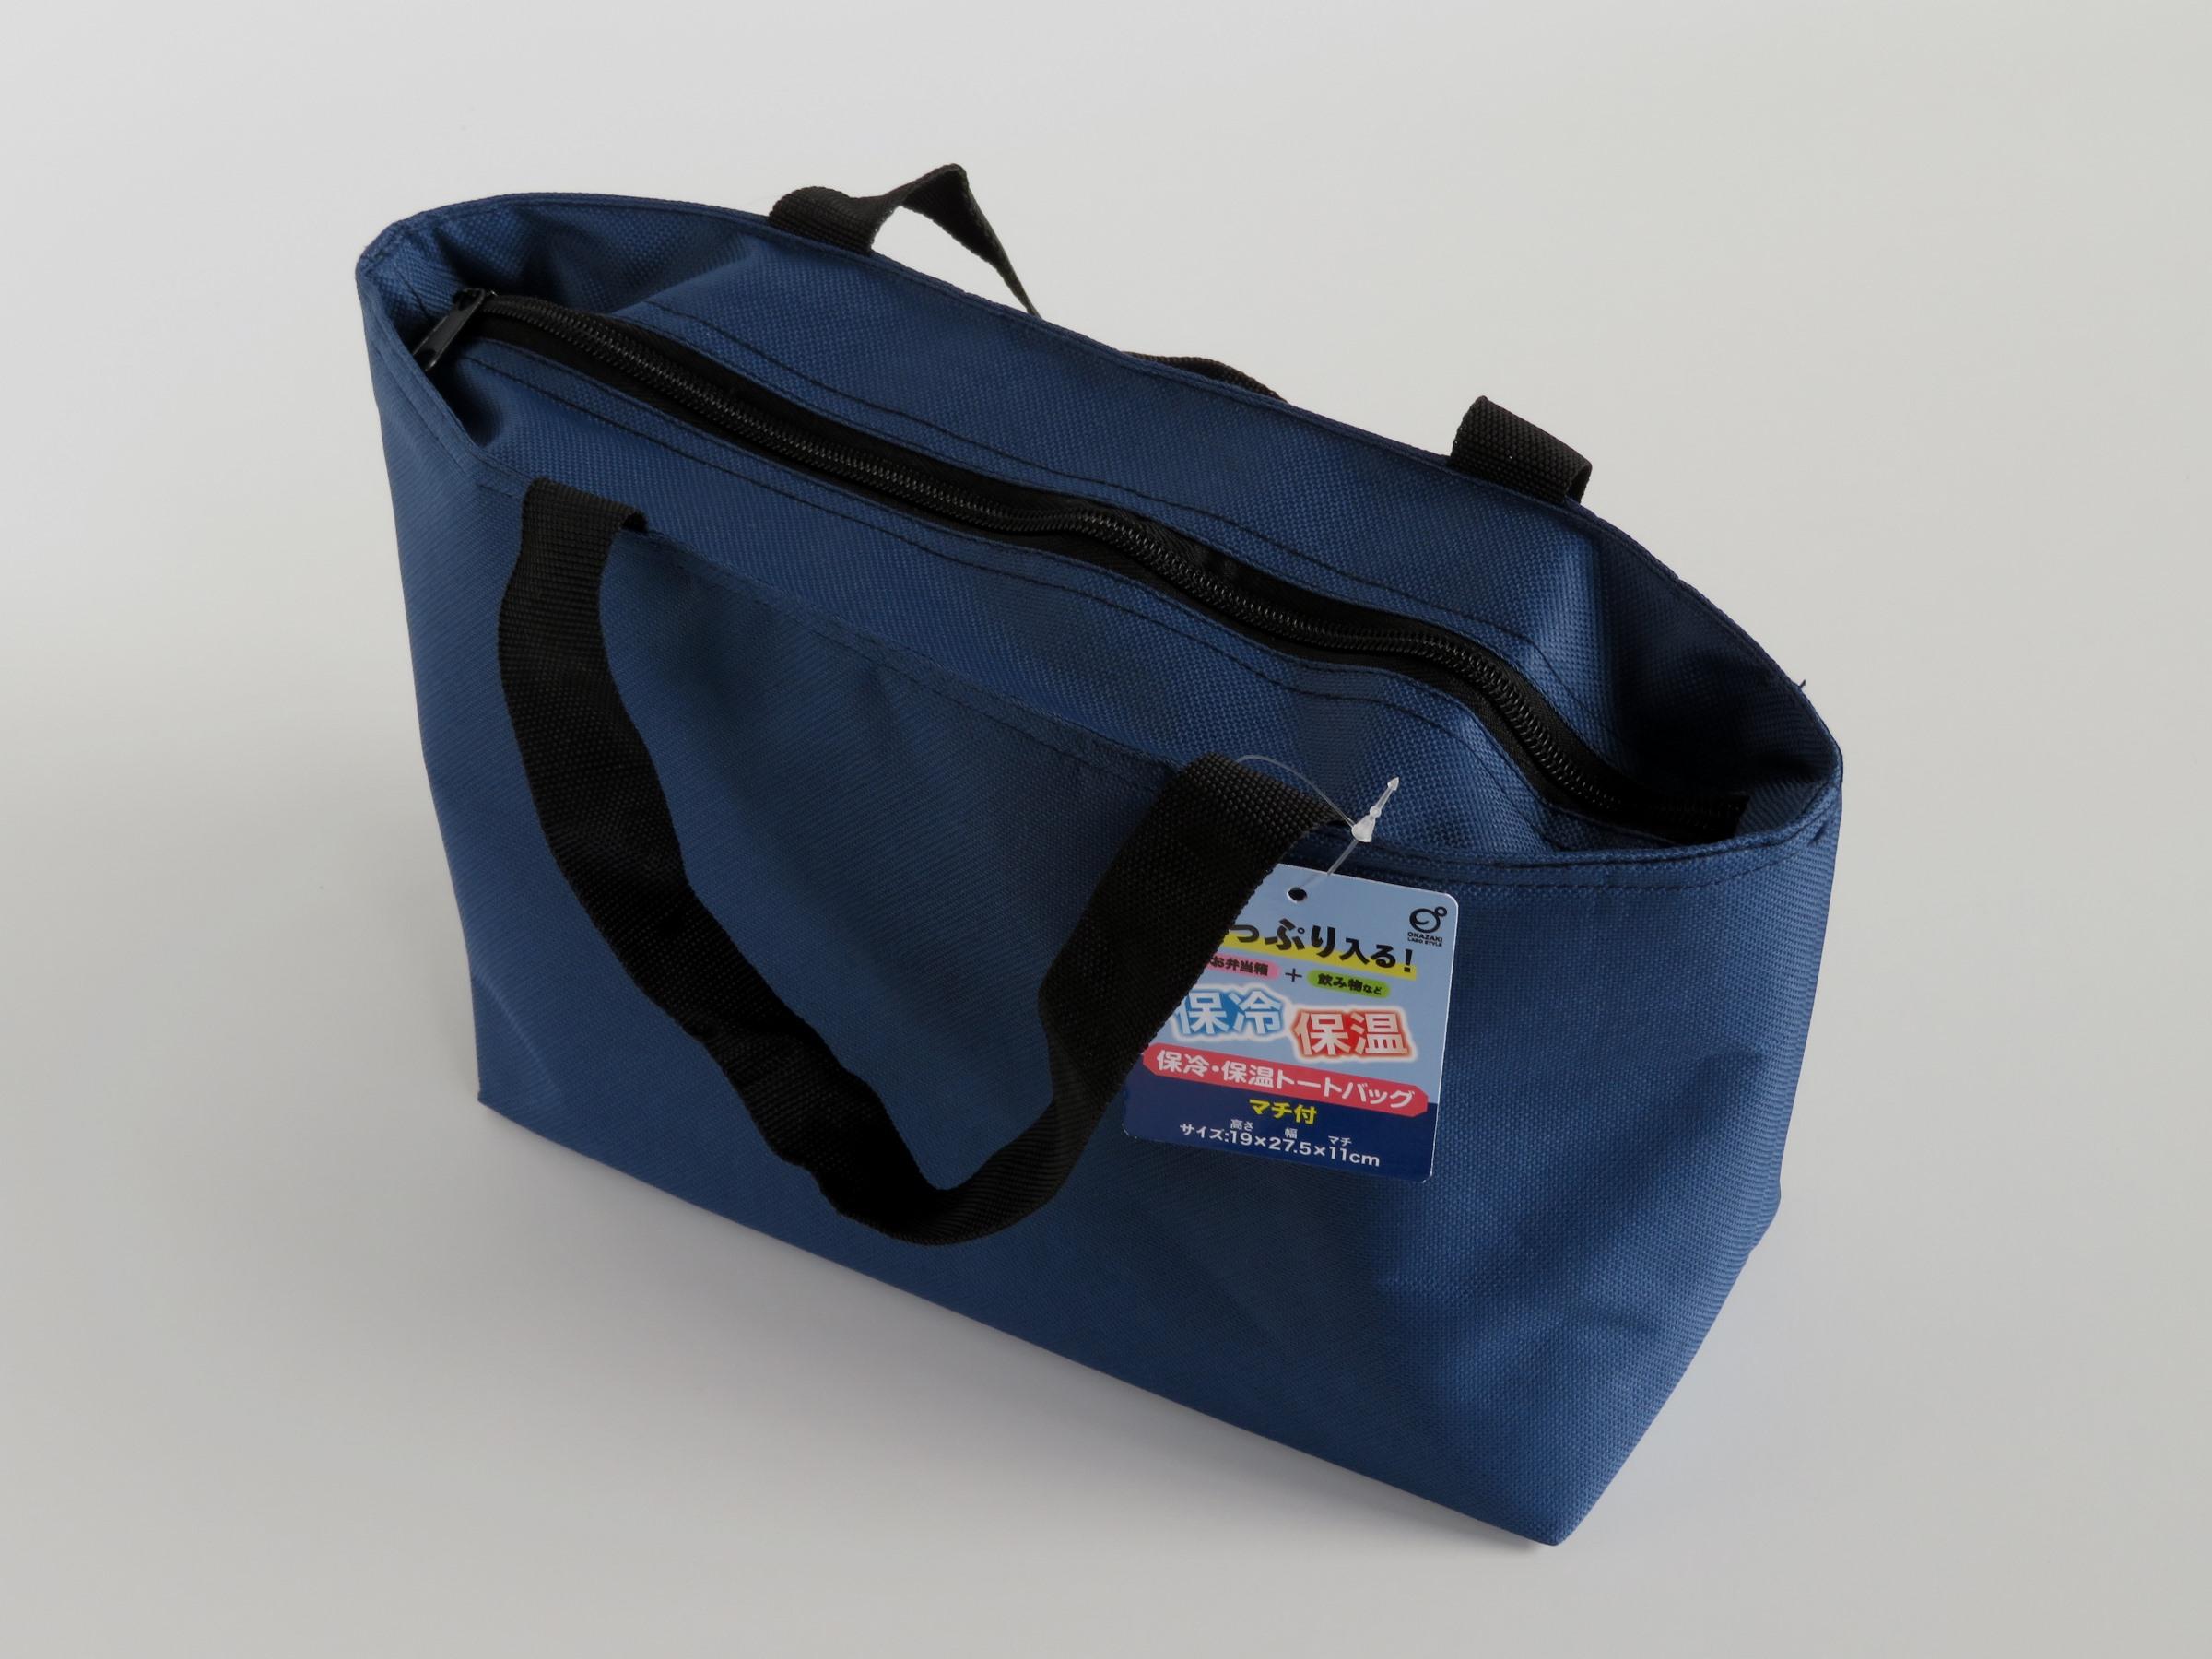 Túi đựng cơm giữ nhiệt (màu xanh Navy)